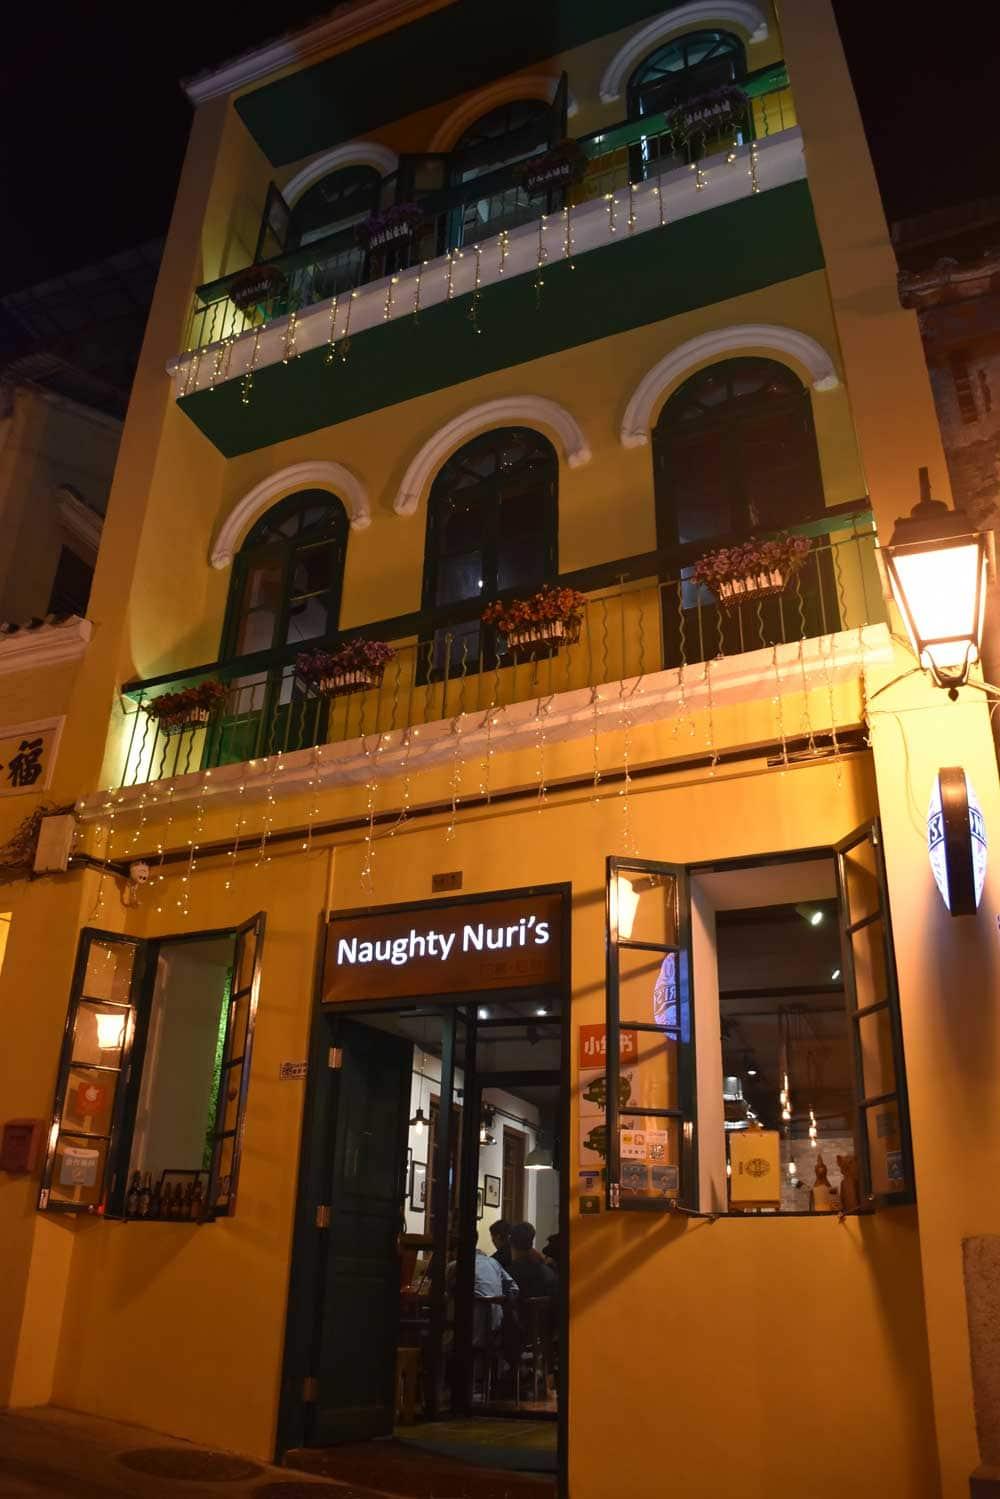 Naughty Nuri's Macau